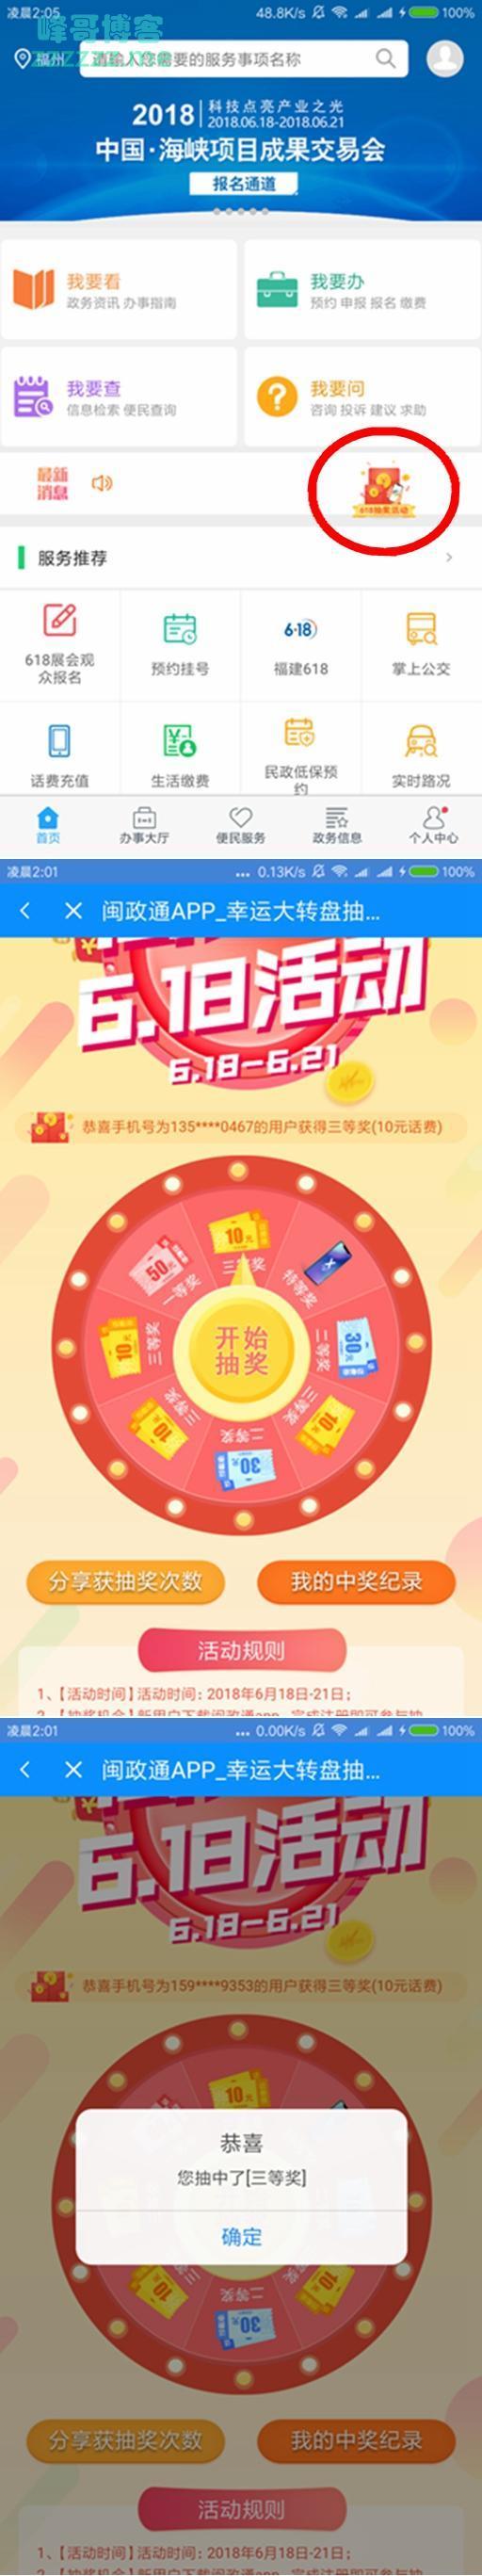 闽政通APP撸10元话费亲测2中2大水!